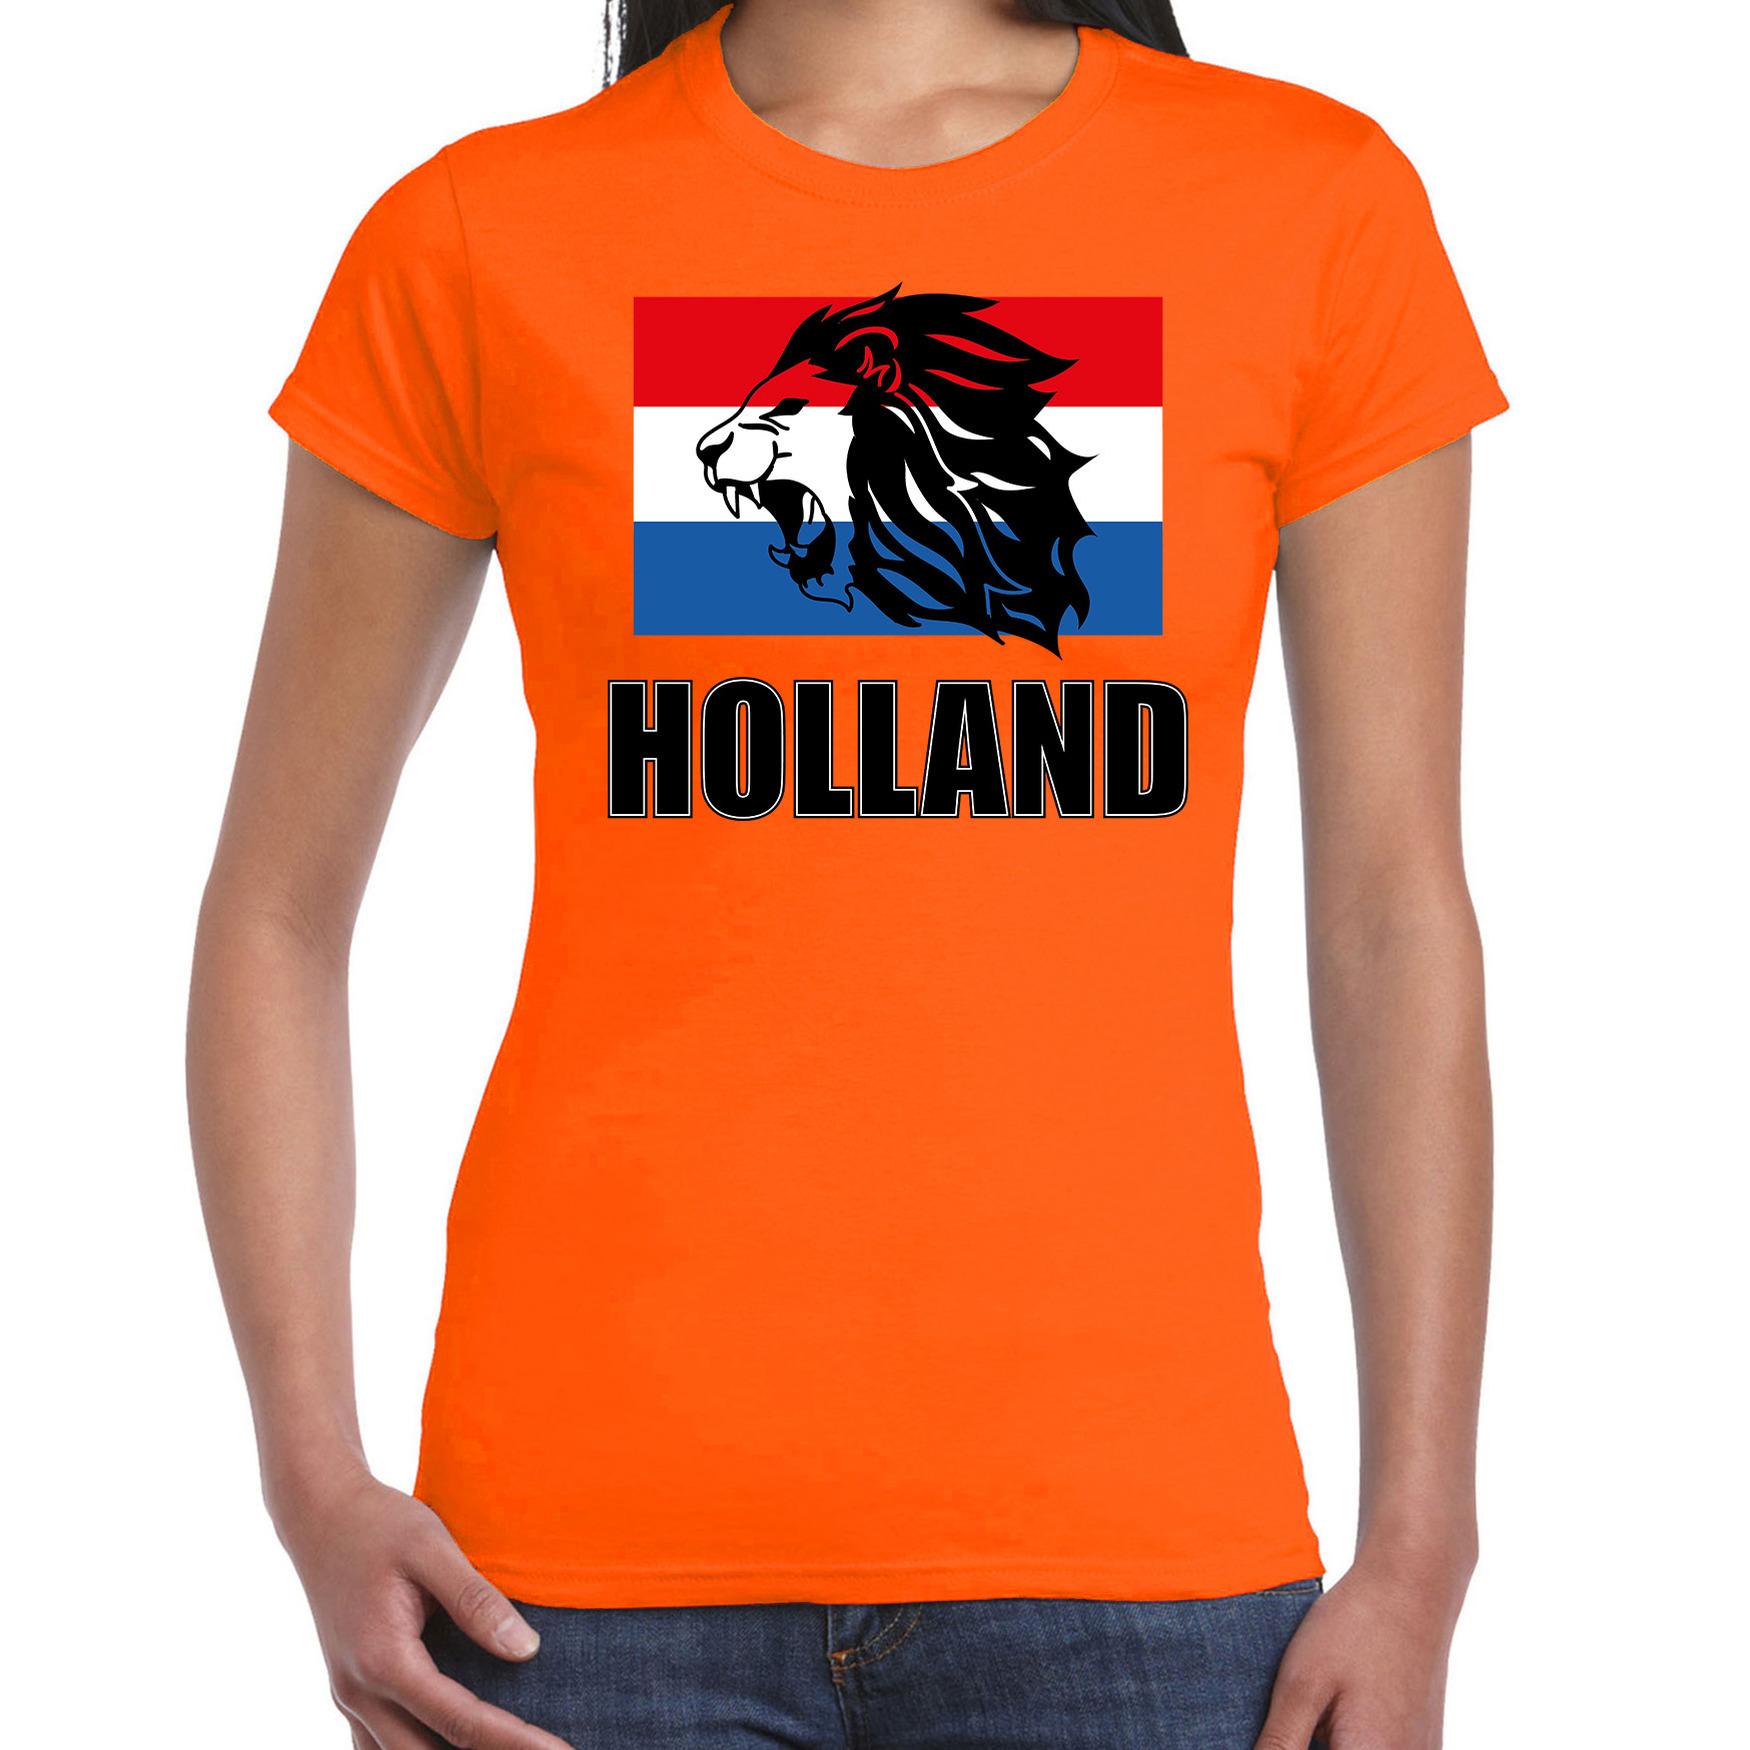 Oranje t-shirt Holland met leeuw voor dames - Holland - Nederland supporter shirt EK/ WK